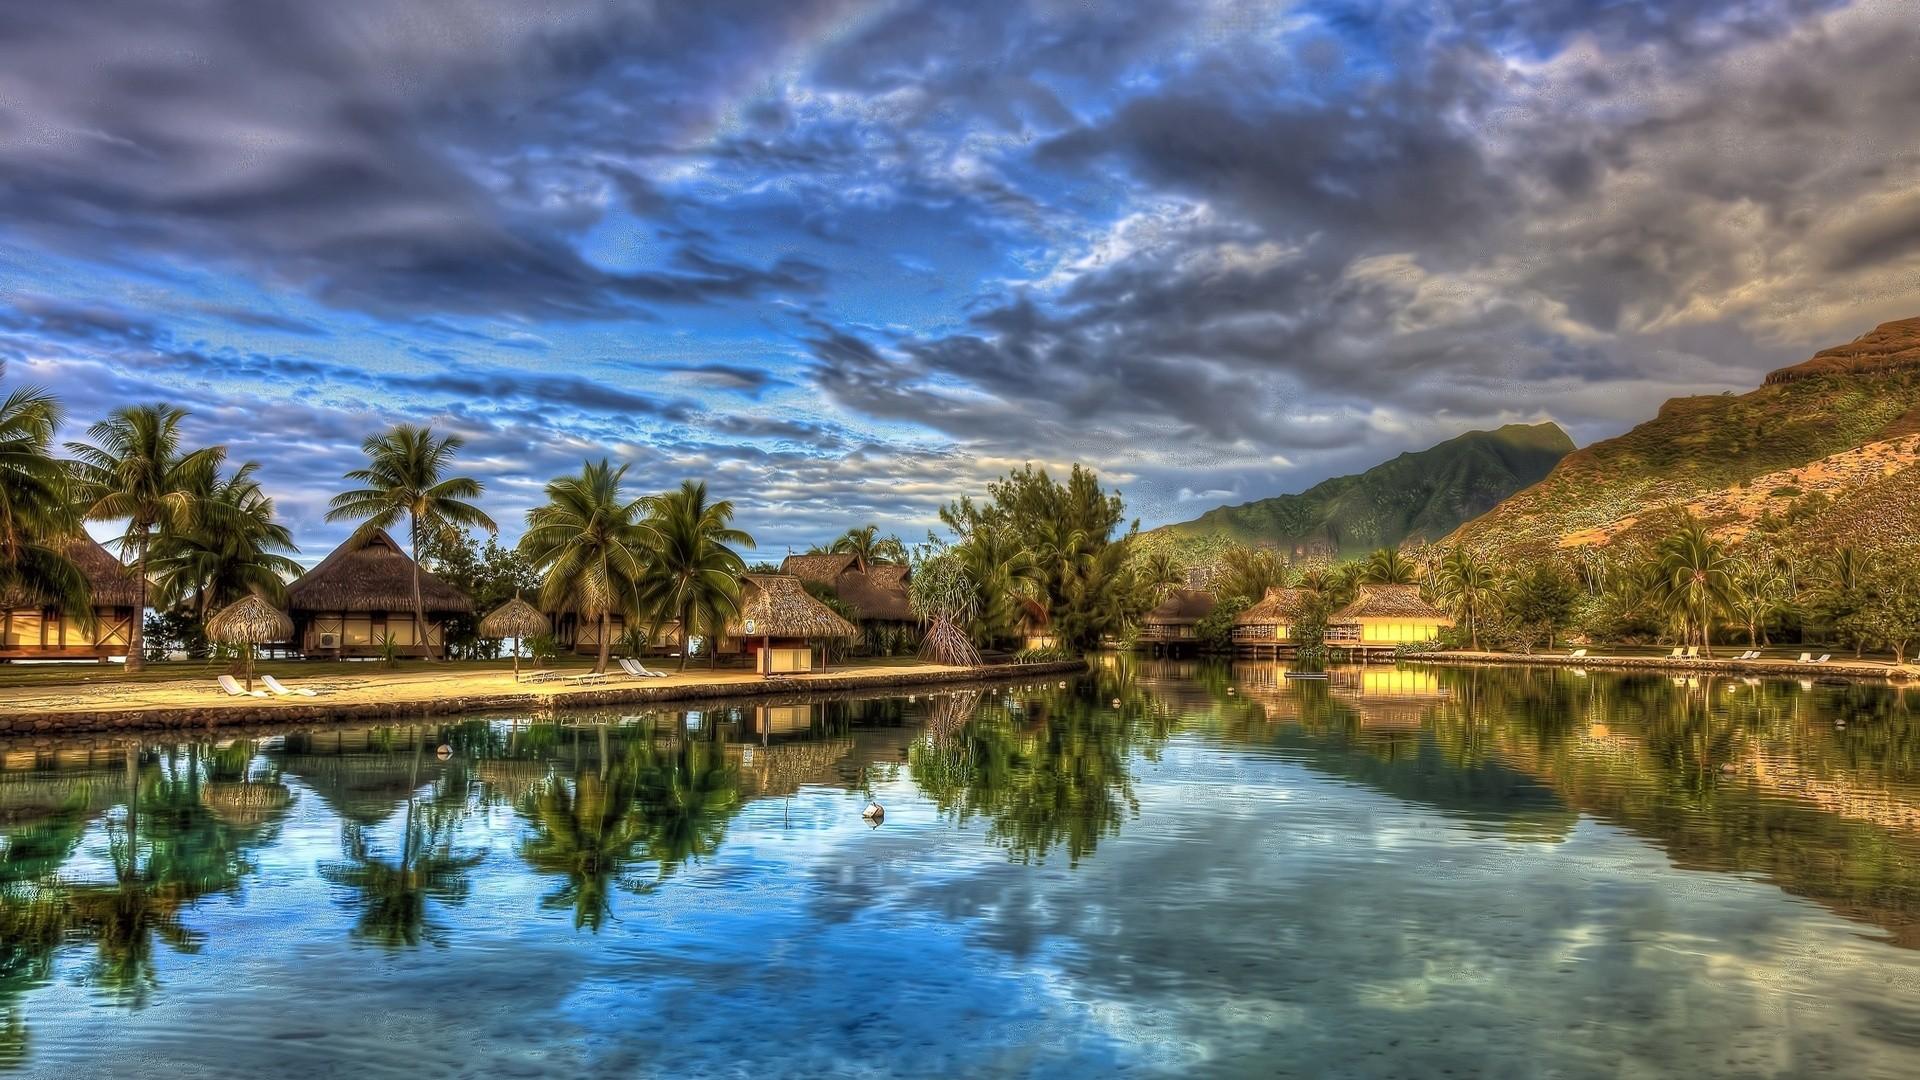 Landscape Hd Wallpapers 1080p: 1080P Tropical Landscape Wallpapers